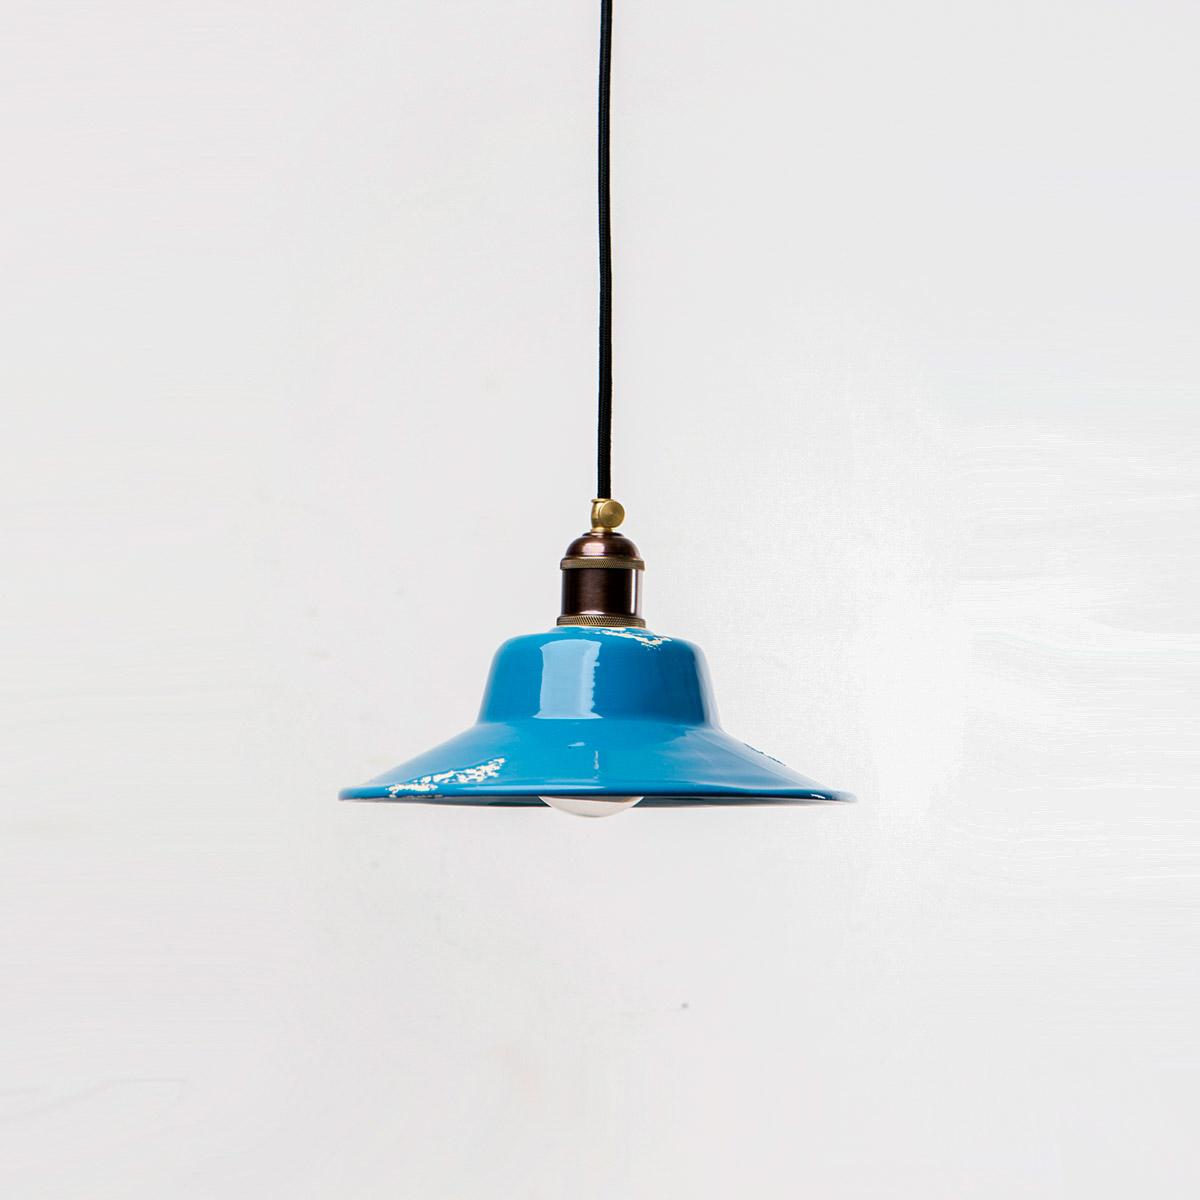 Потолочный светильник 4256 керамический синий